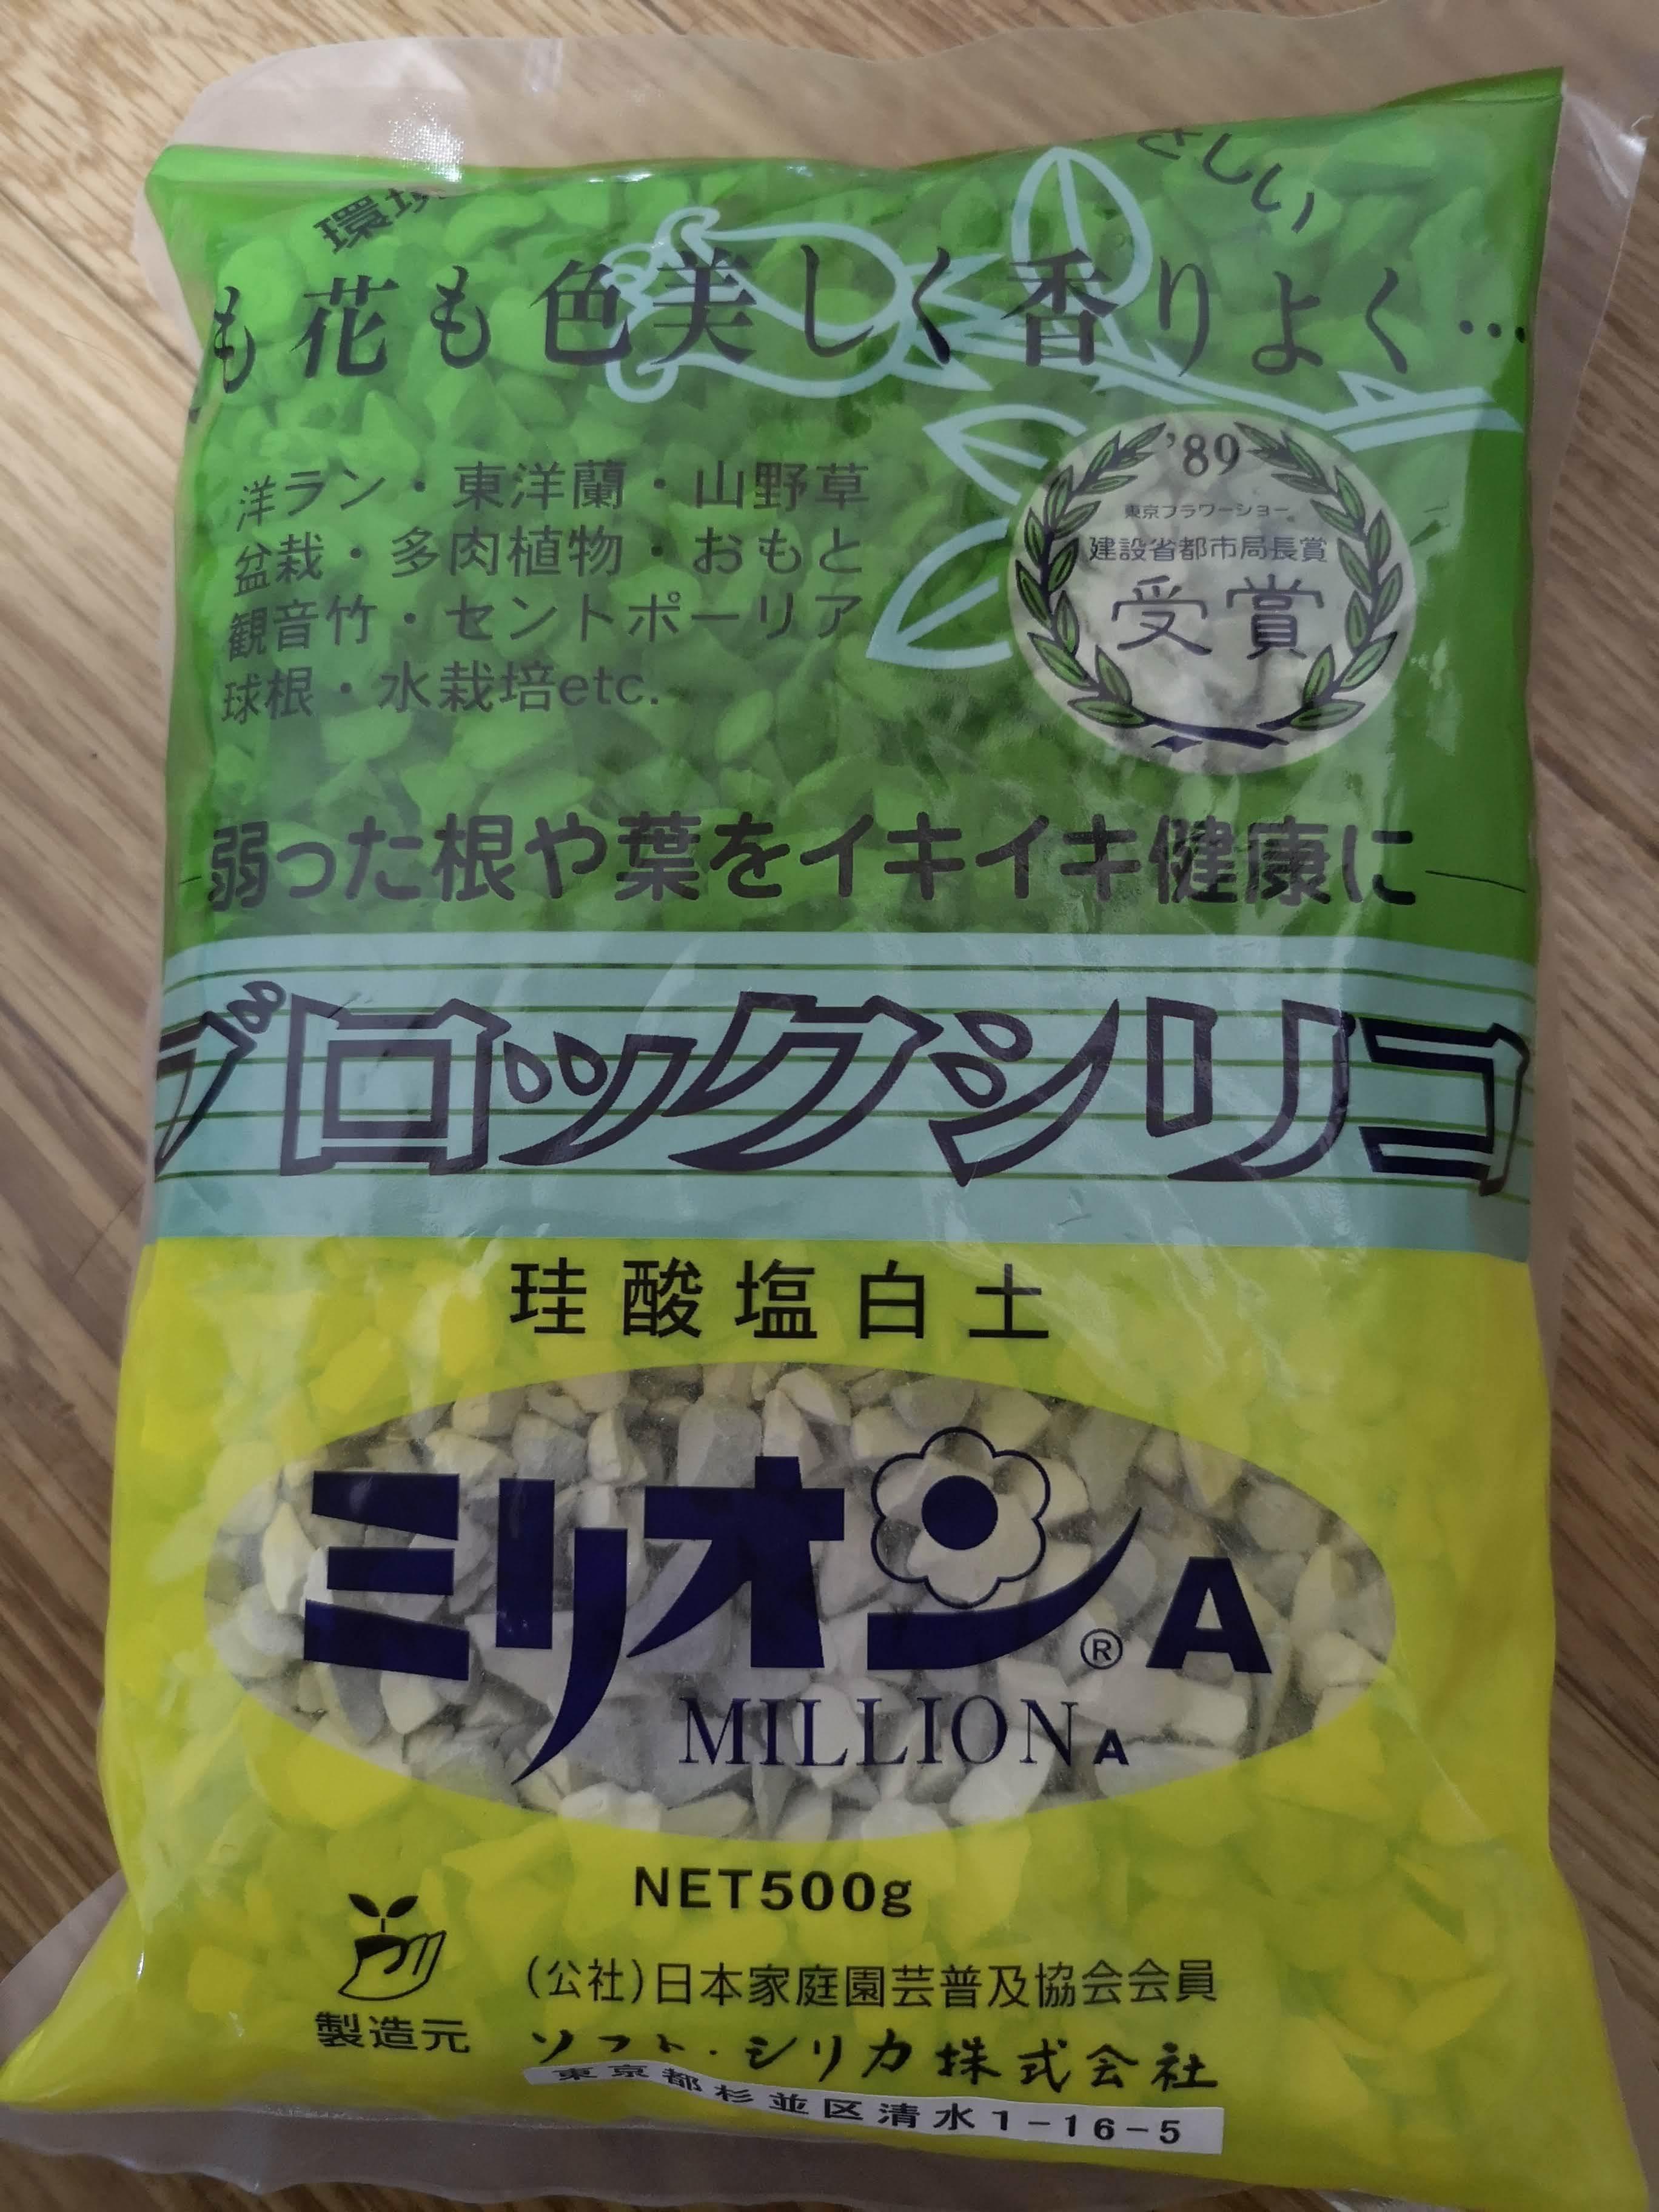 珪酸塩白土(けいさんえんはくど)とは?用土としての効果や使い方を解説!